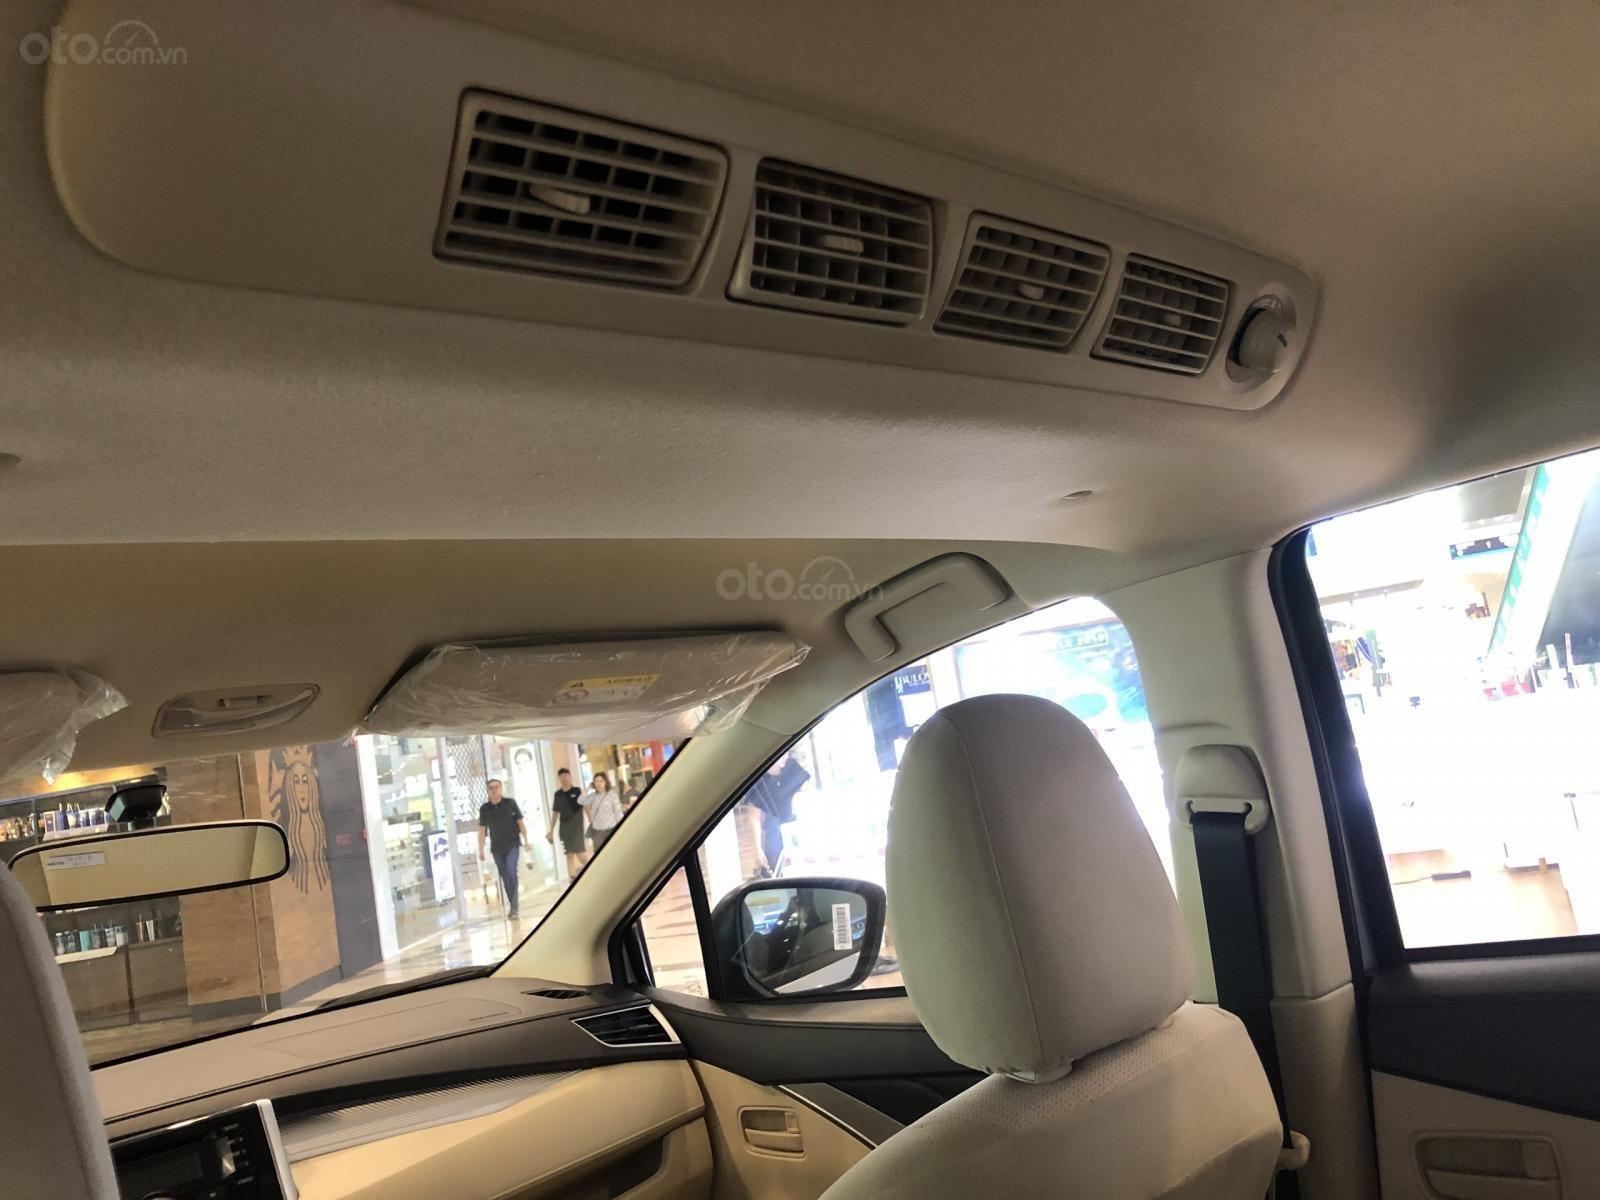 Bán Mitsubishi Xpander MT đời 2019, màu trắng, xe nhập, giao xe đúng hẹn (8)